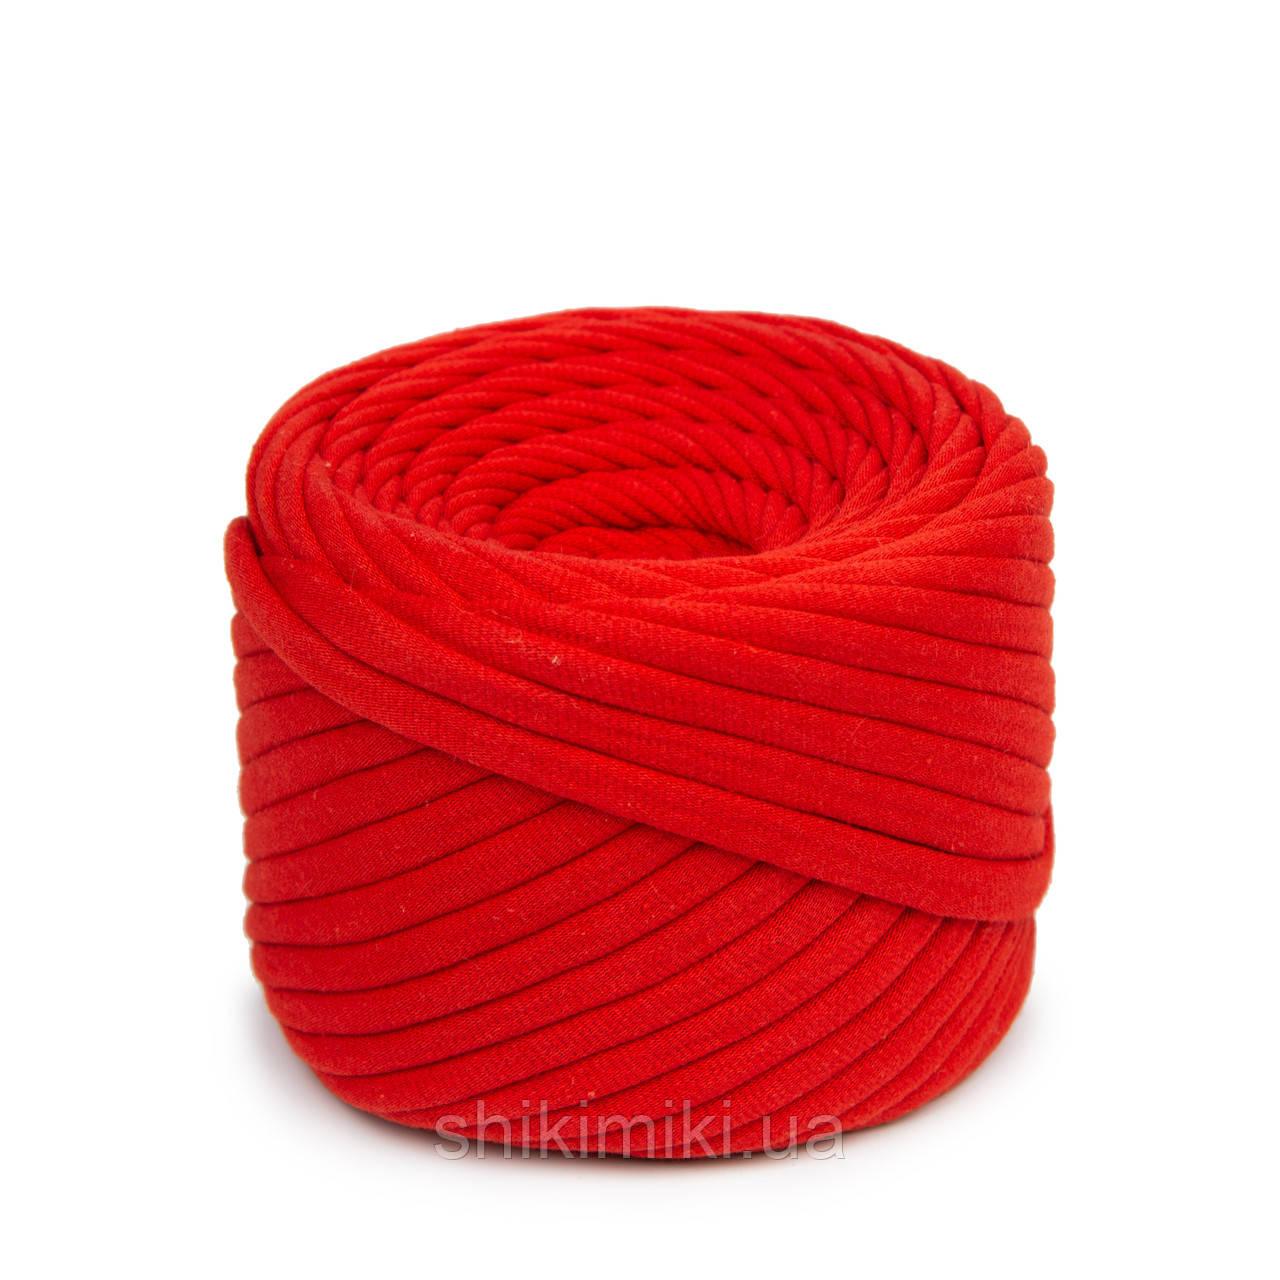 Трикотажная пряжа Bobilon (50 м), цвет Красный мак